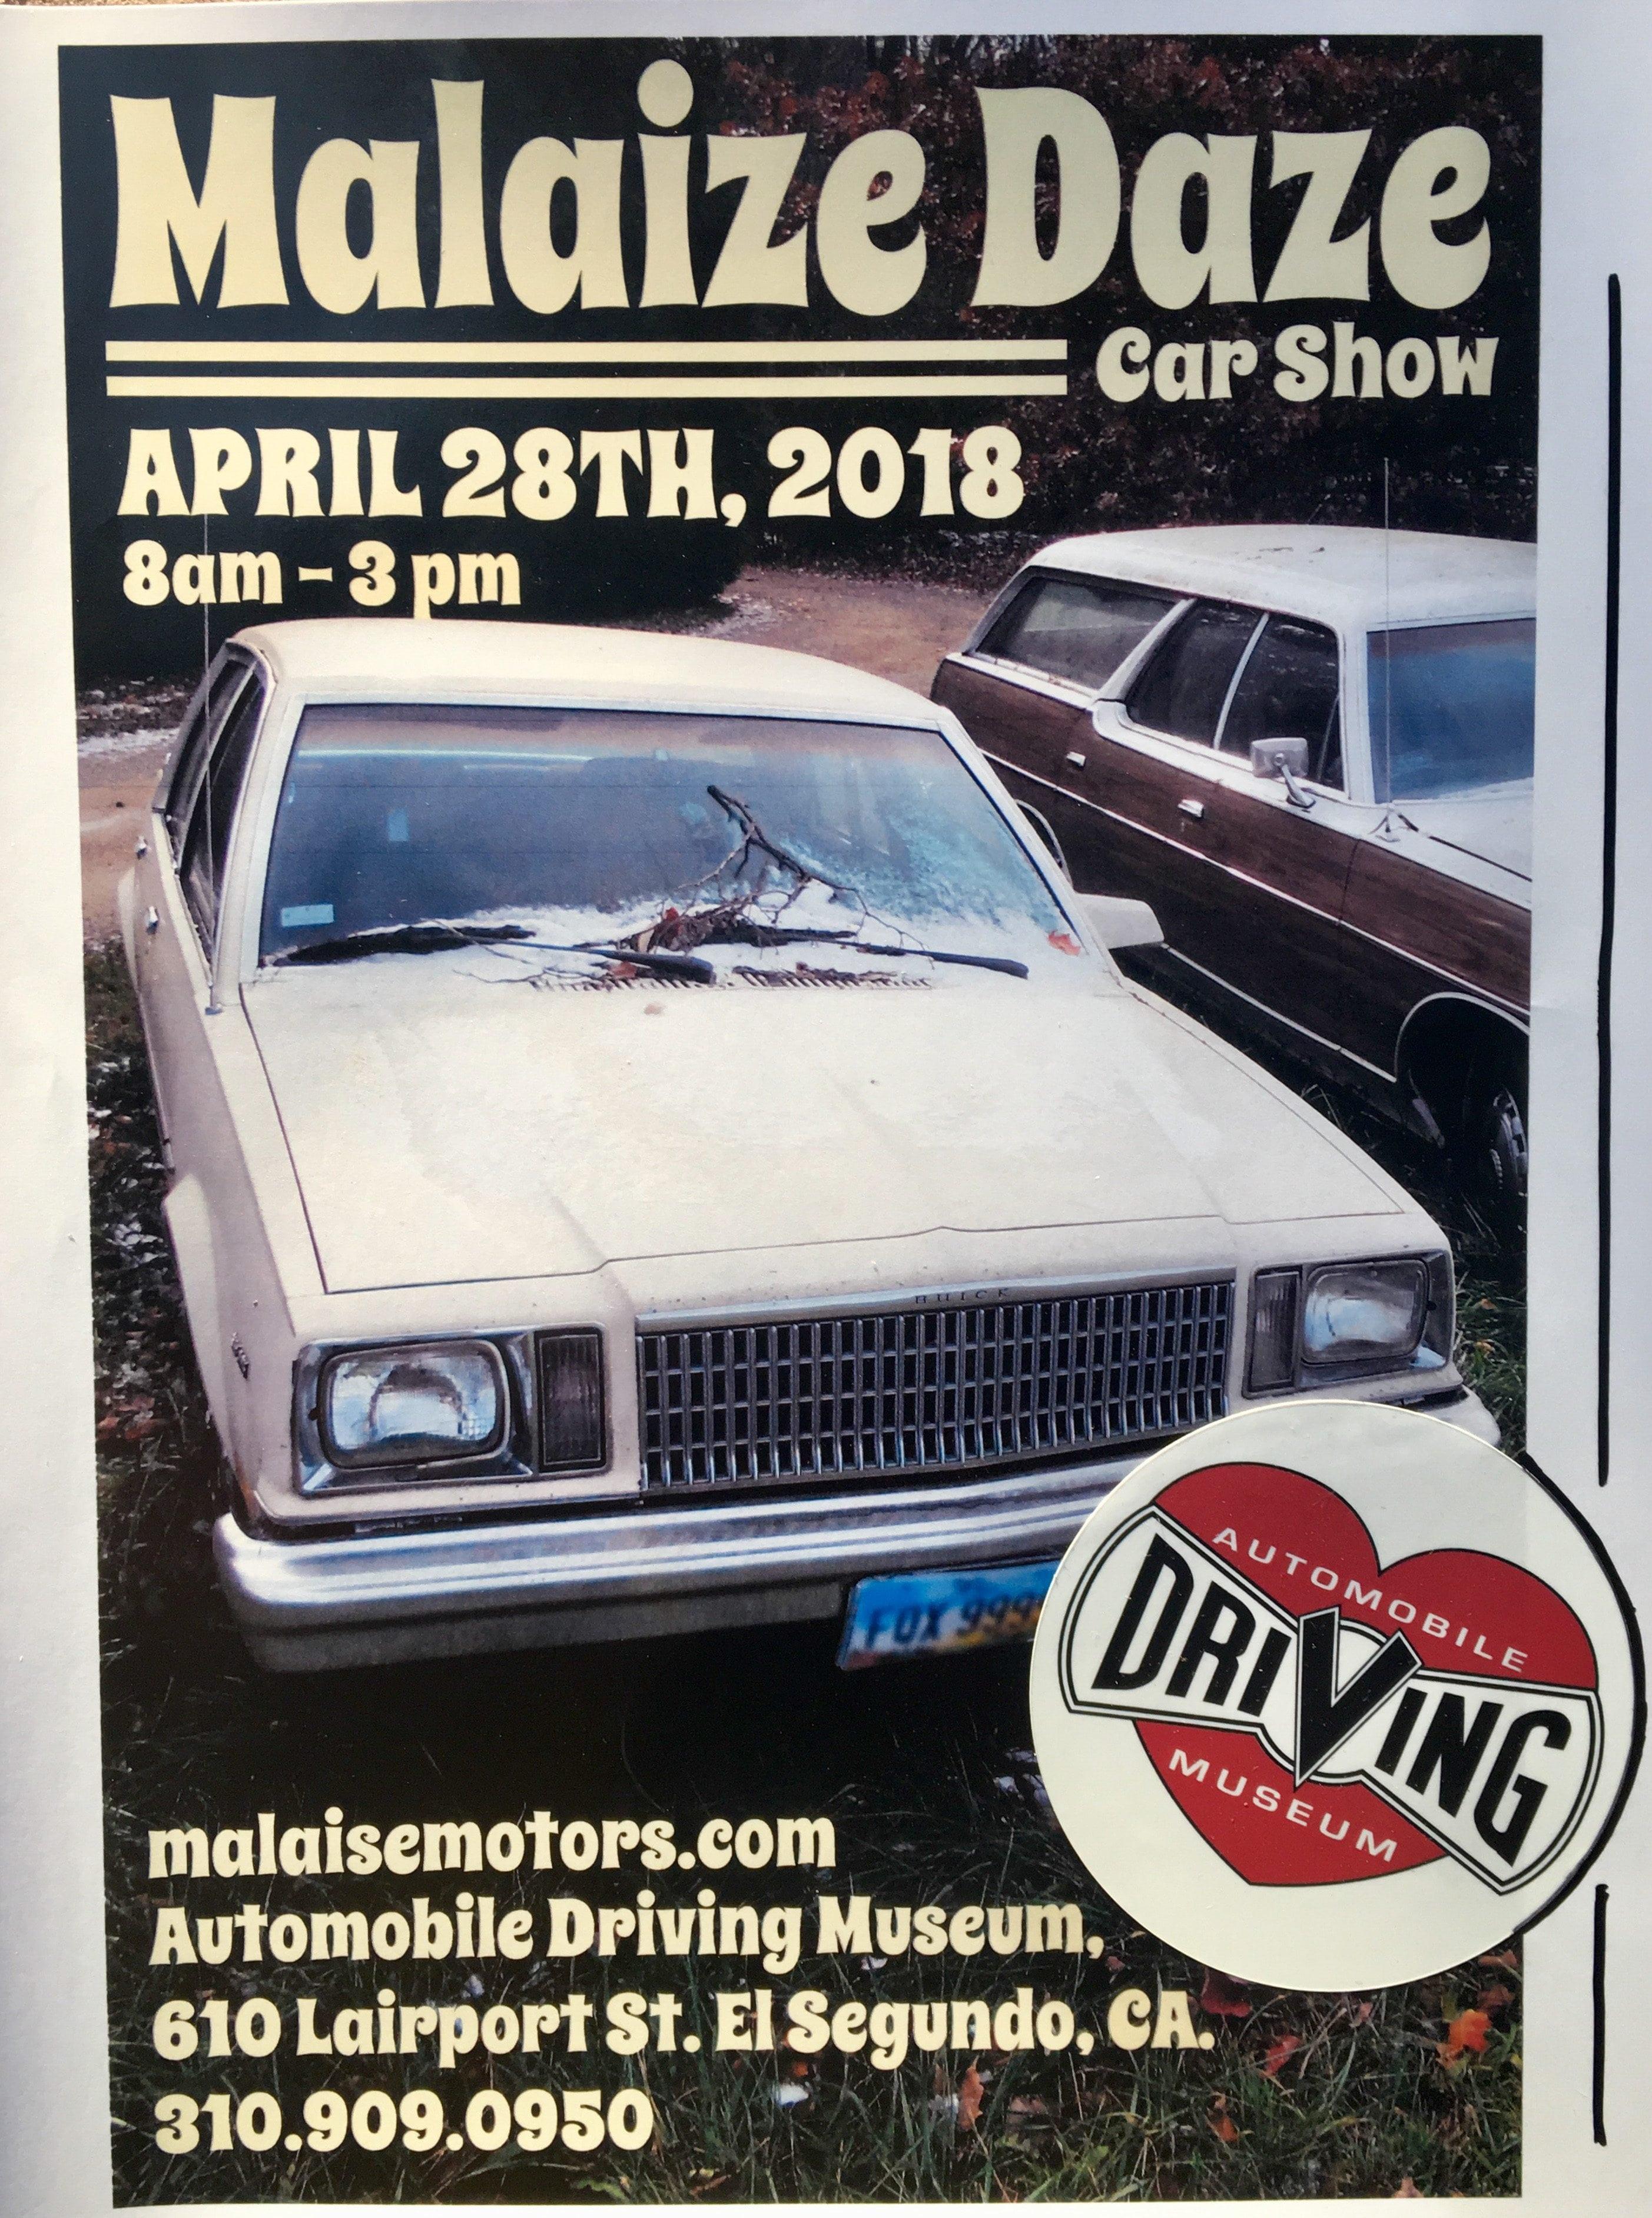 Malaize Daze Car Show Automobile Driving Museum - El segundo car show